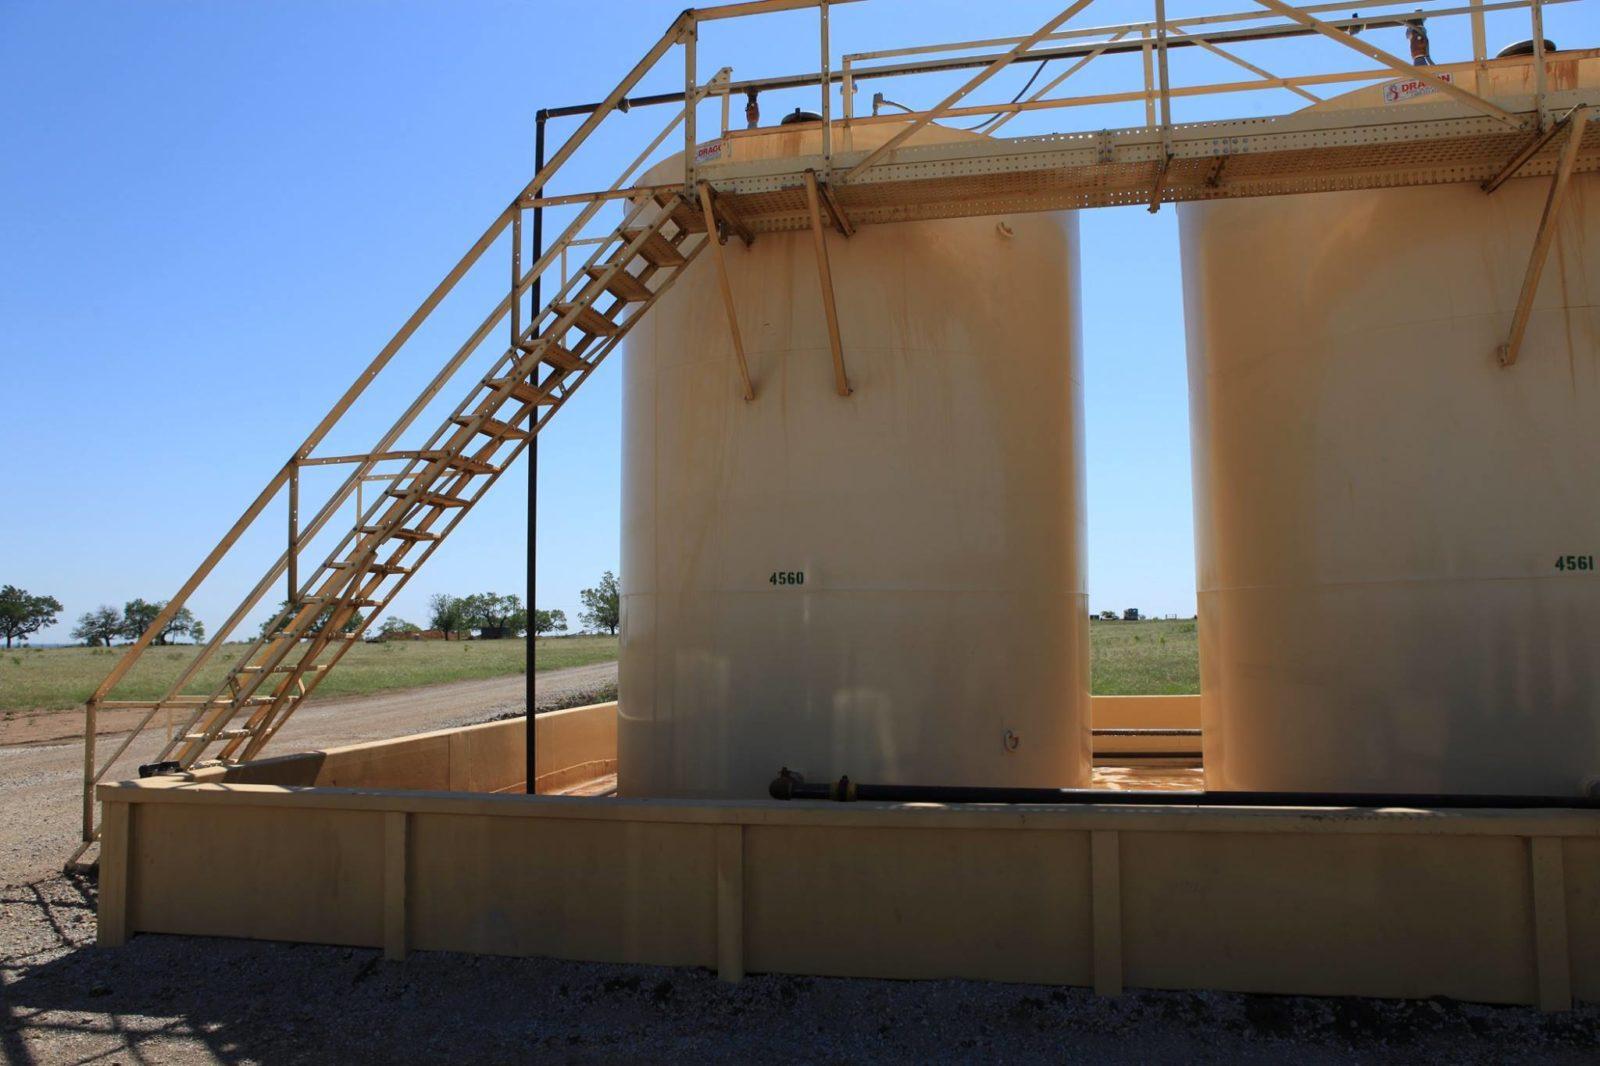 Зона розлива нефтепродуктов полимочевина в нефтяной промышленности